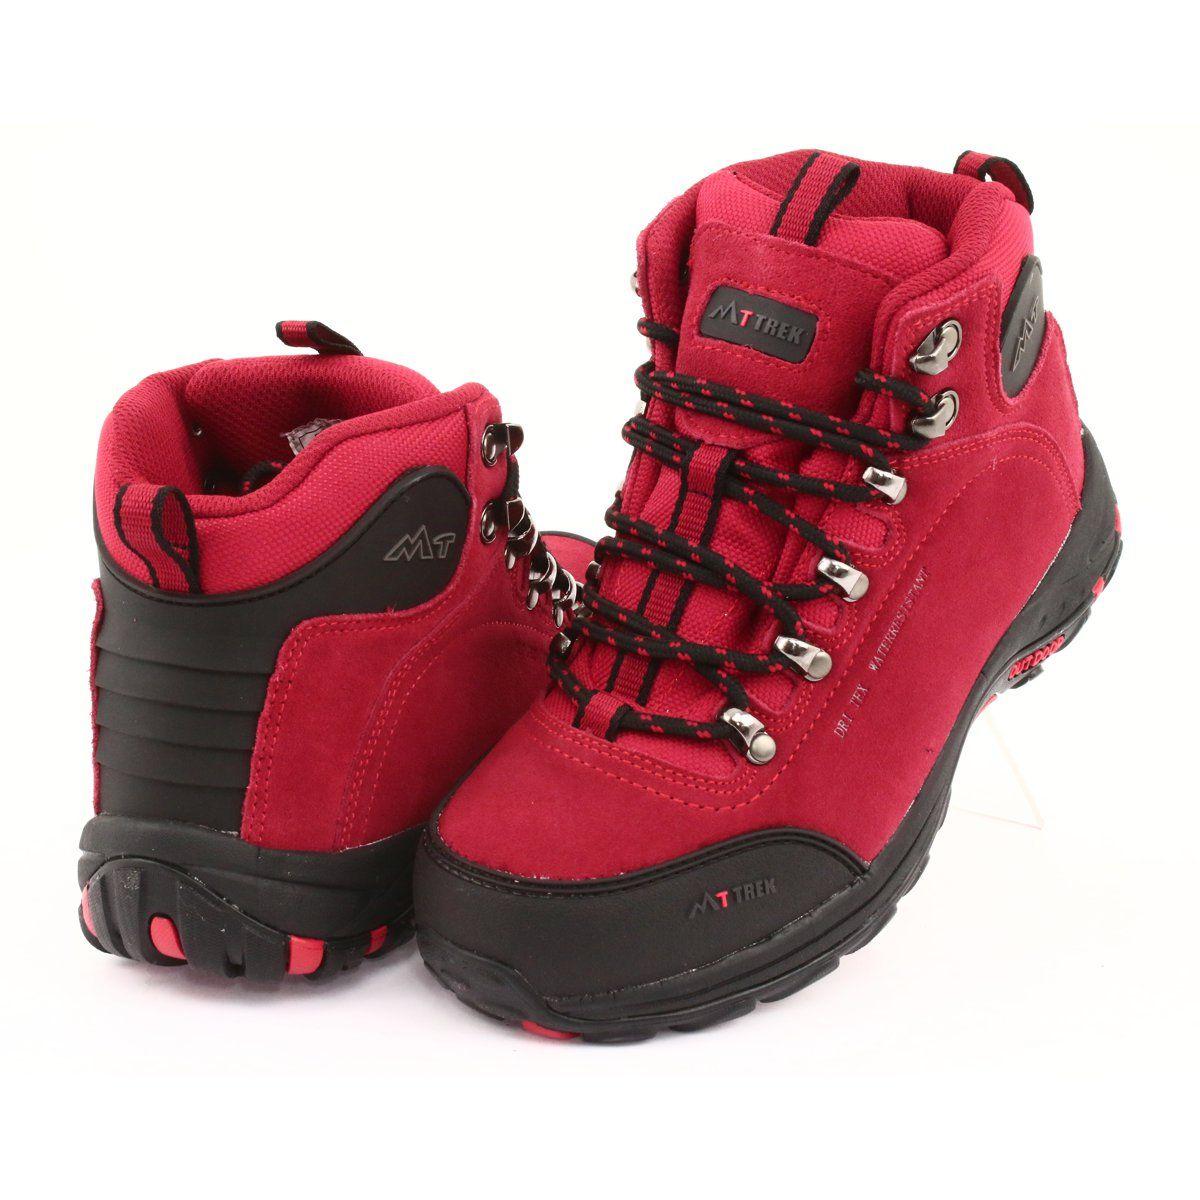 Trapery Z Membrana Mttrek 034 Red Czarne Czerwone Black And Red Trekking Shoes Women Shoes